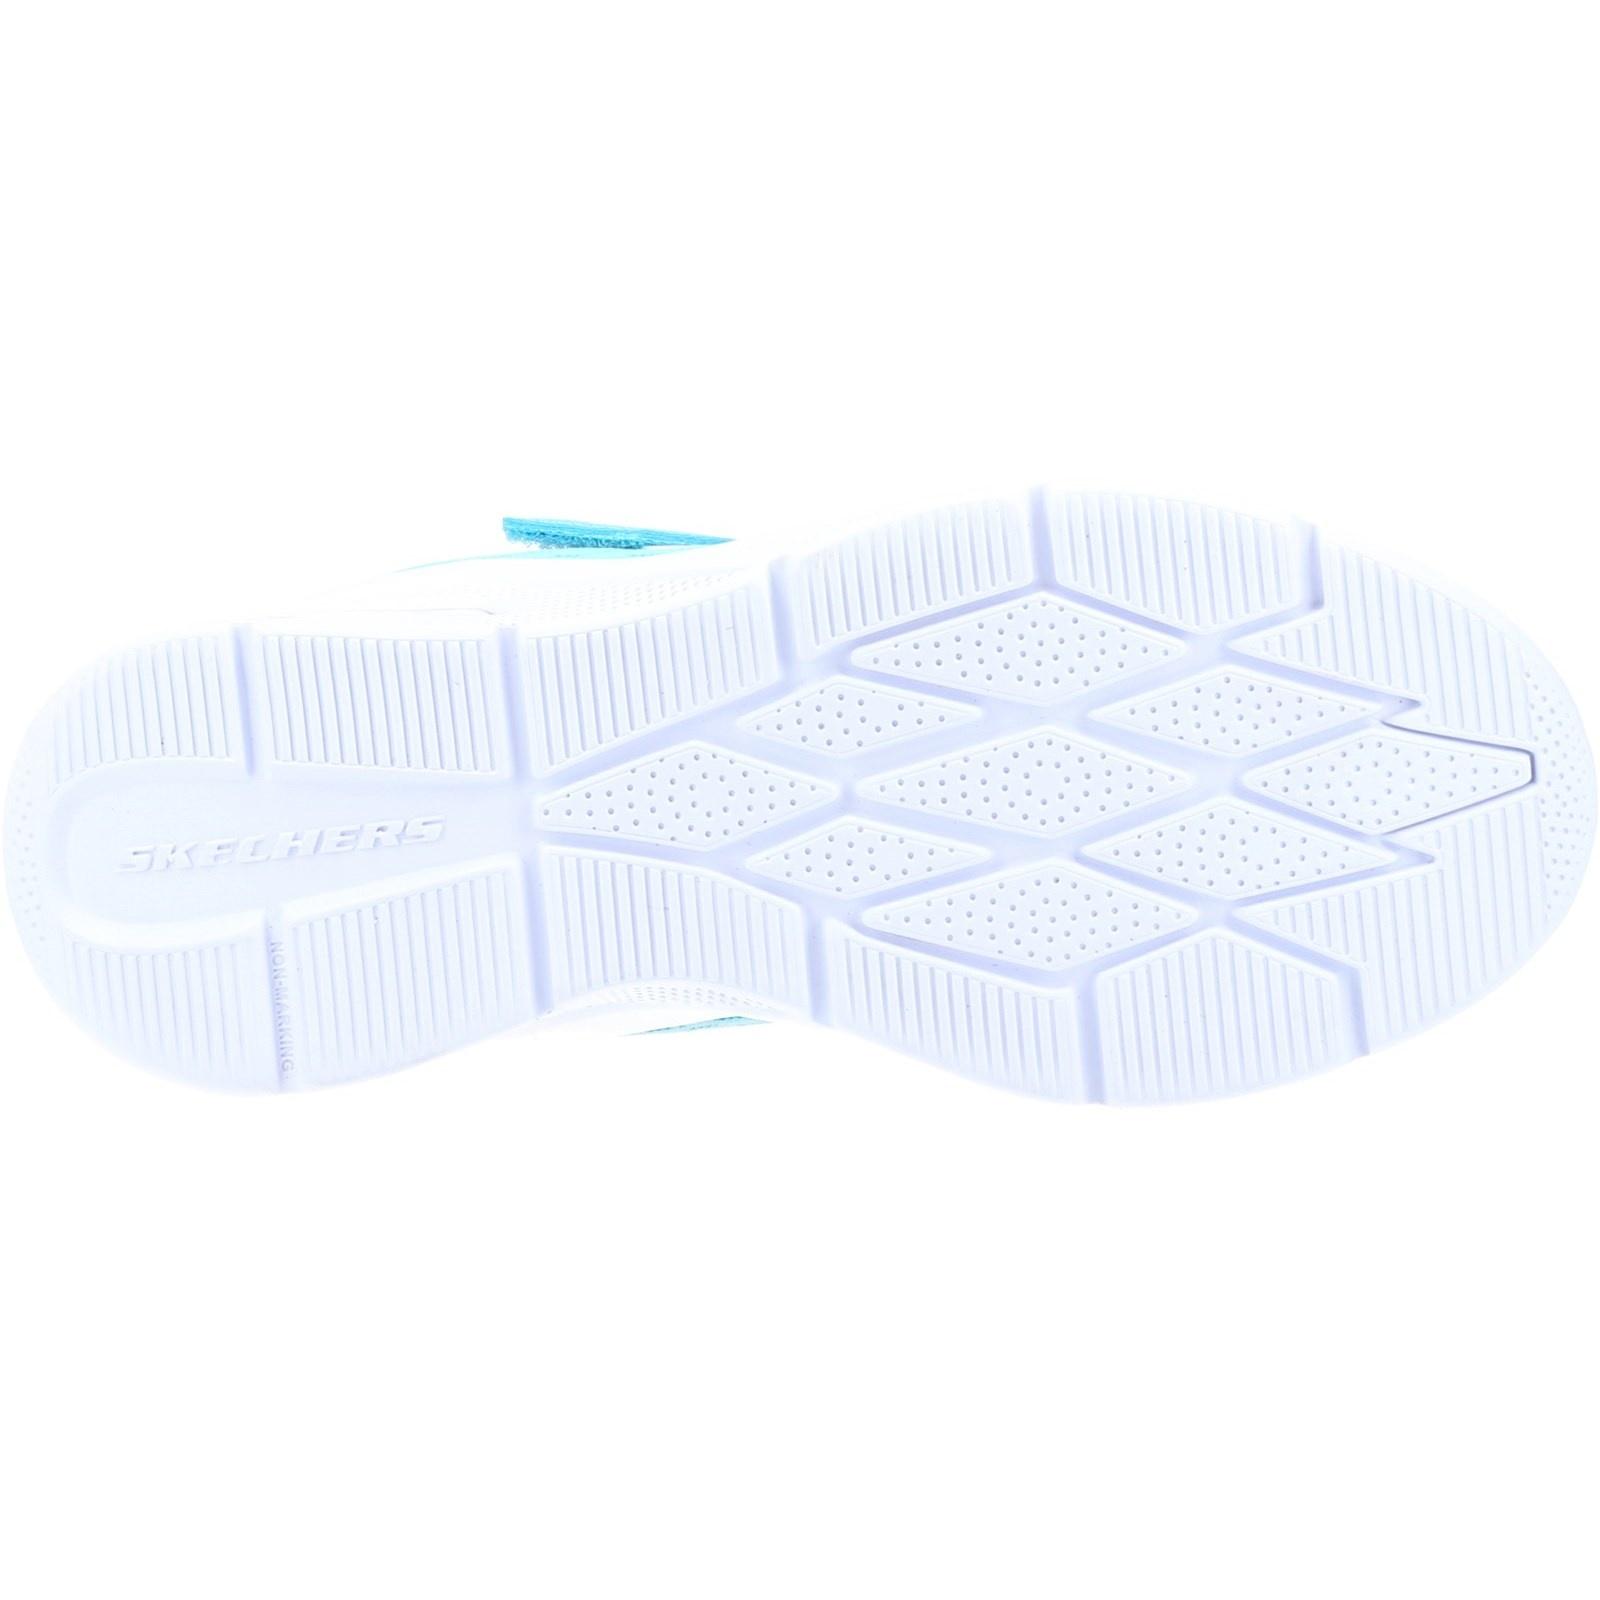 Skechers Microspec Max Aqua